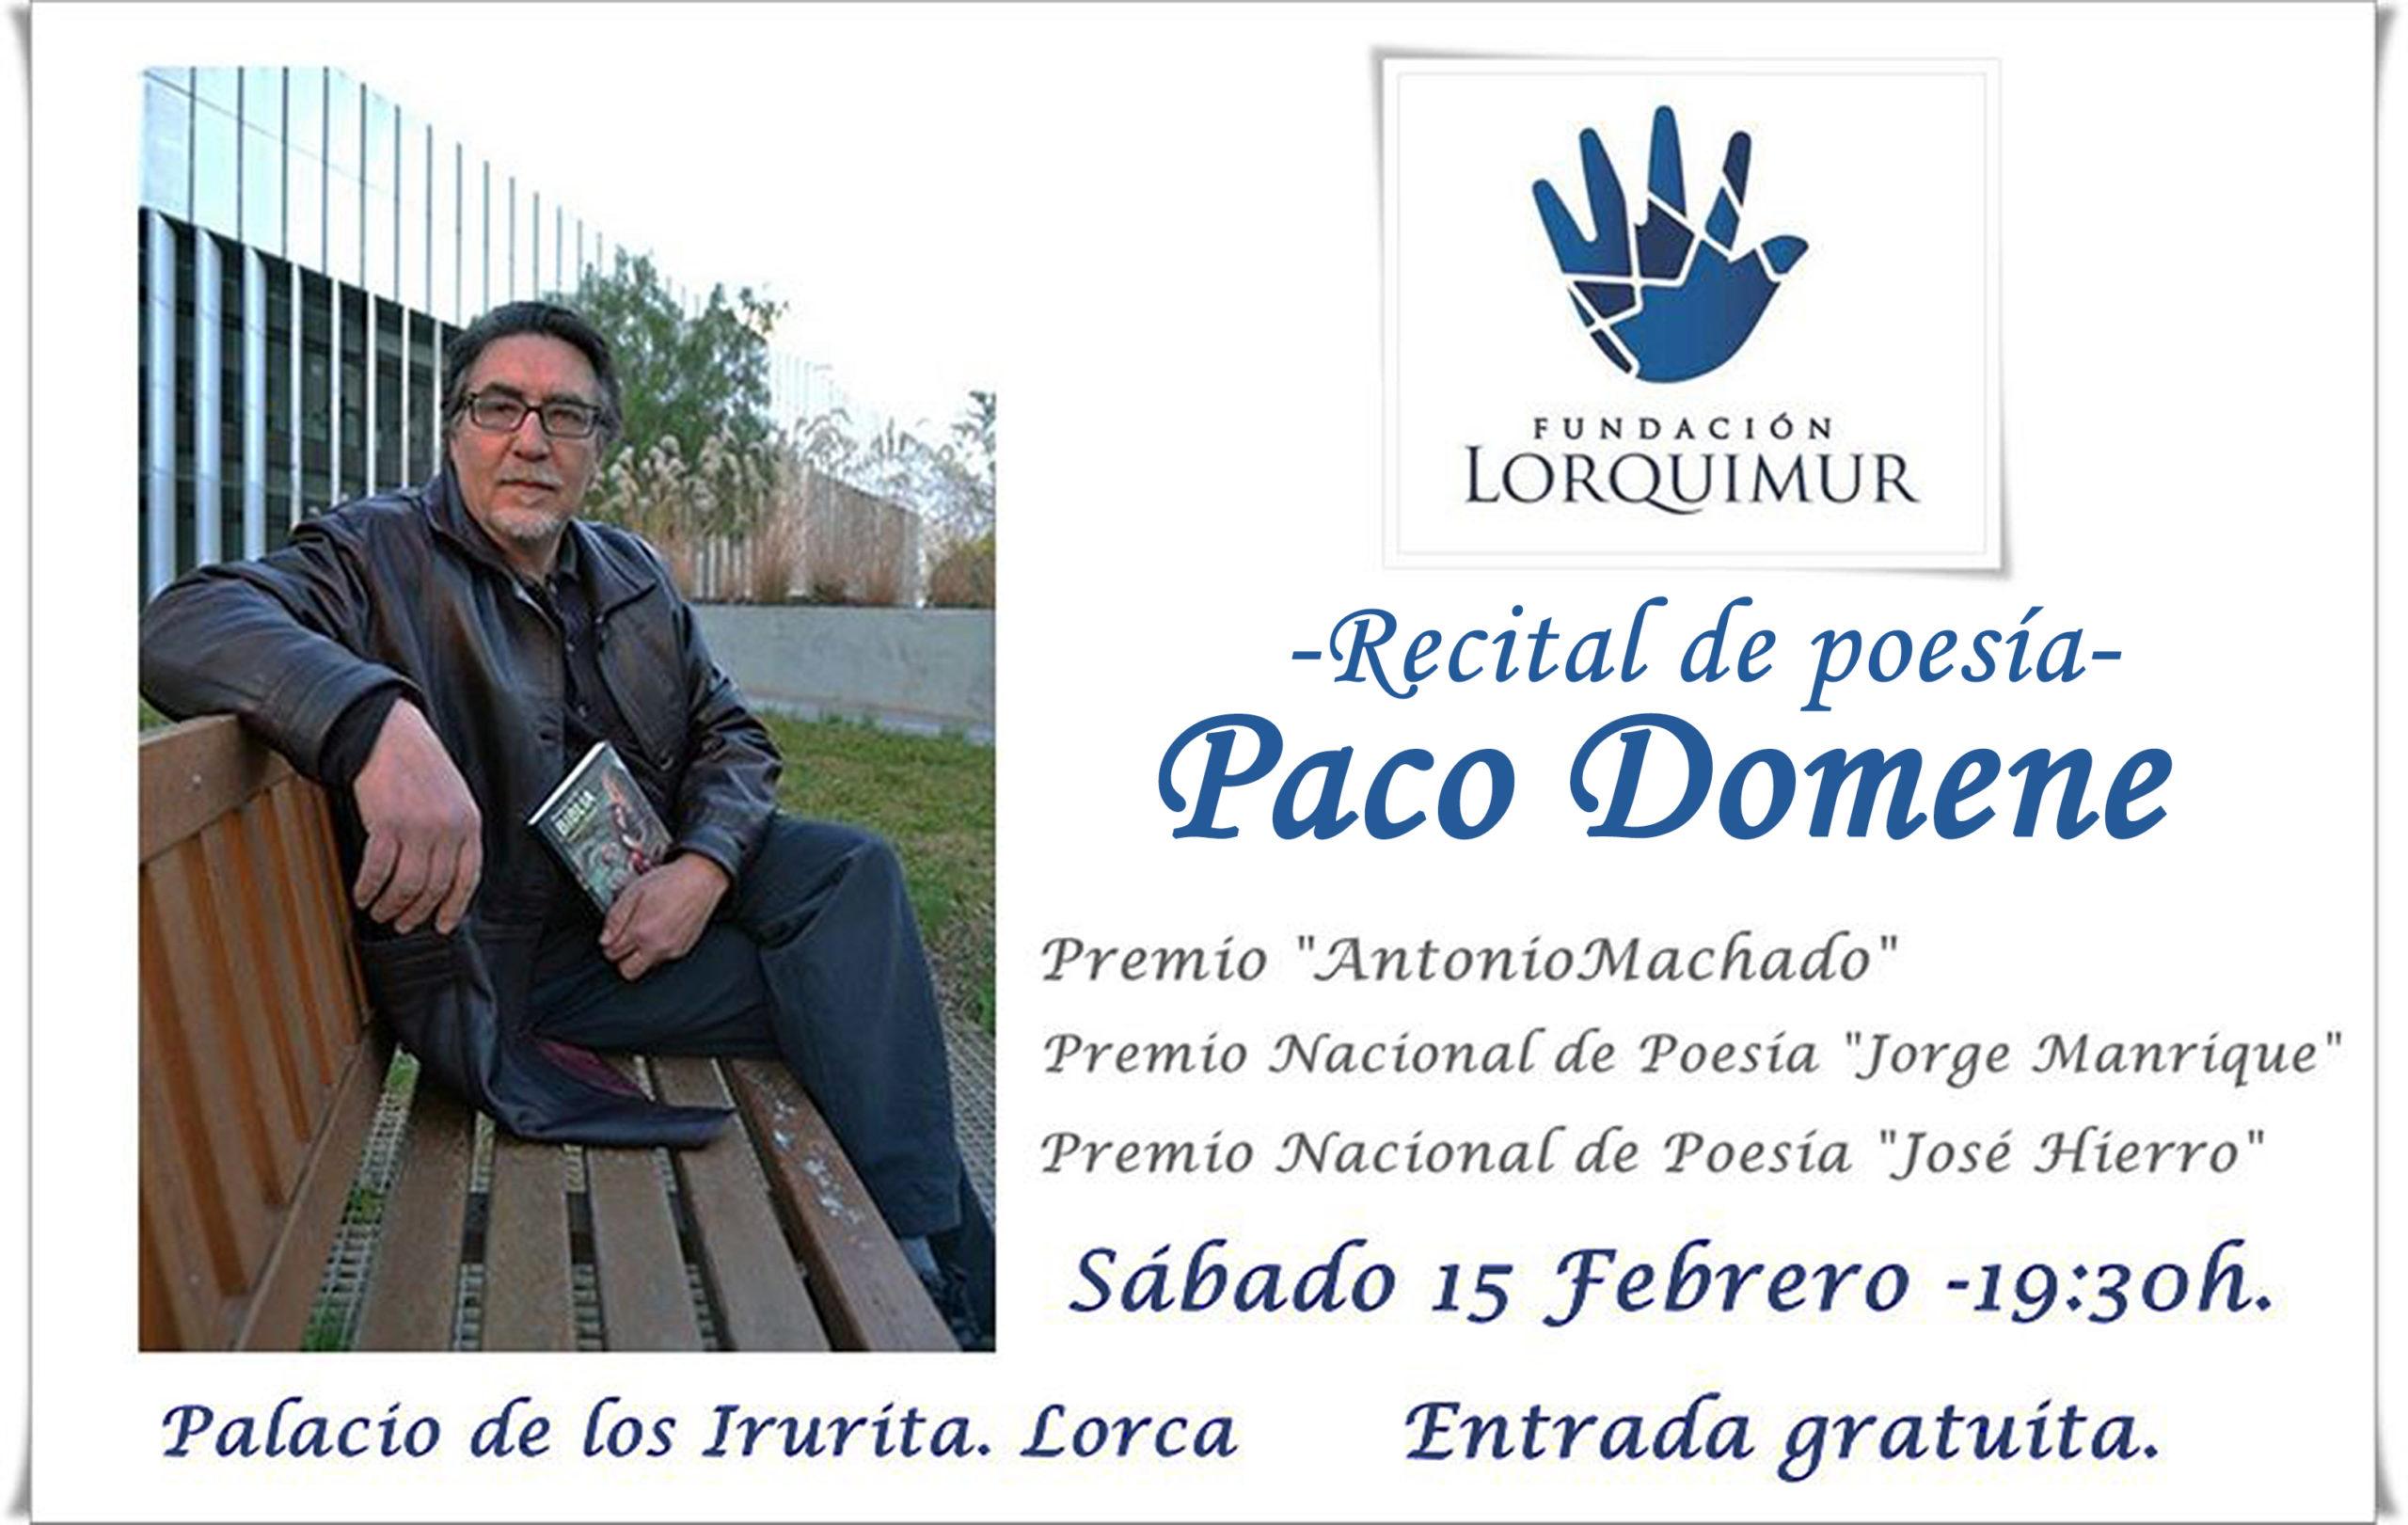 Recital de poesía Paco Domene